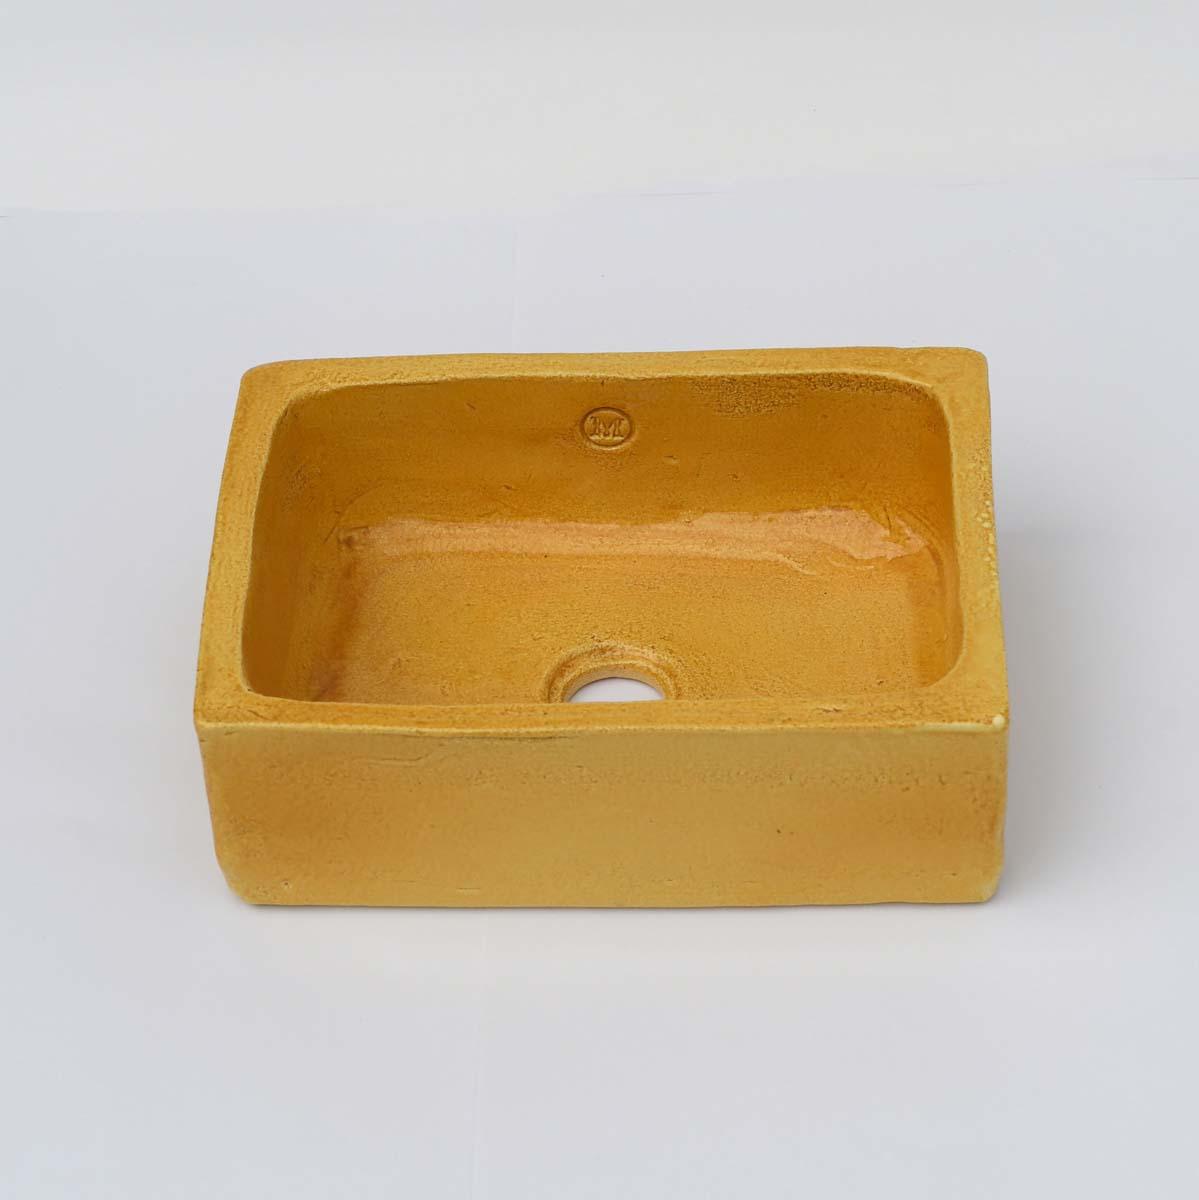 כיור אמבטיה קטן בצבע חרדל